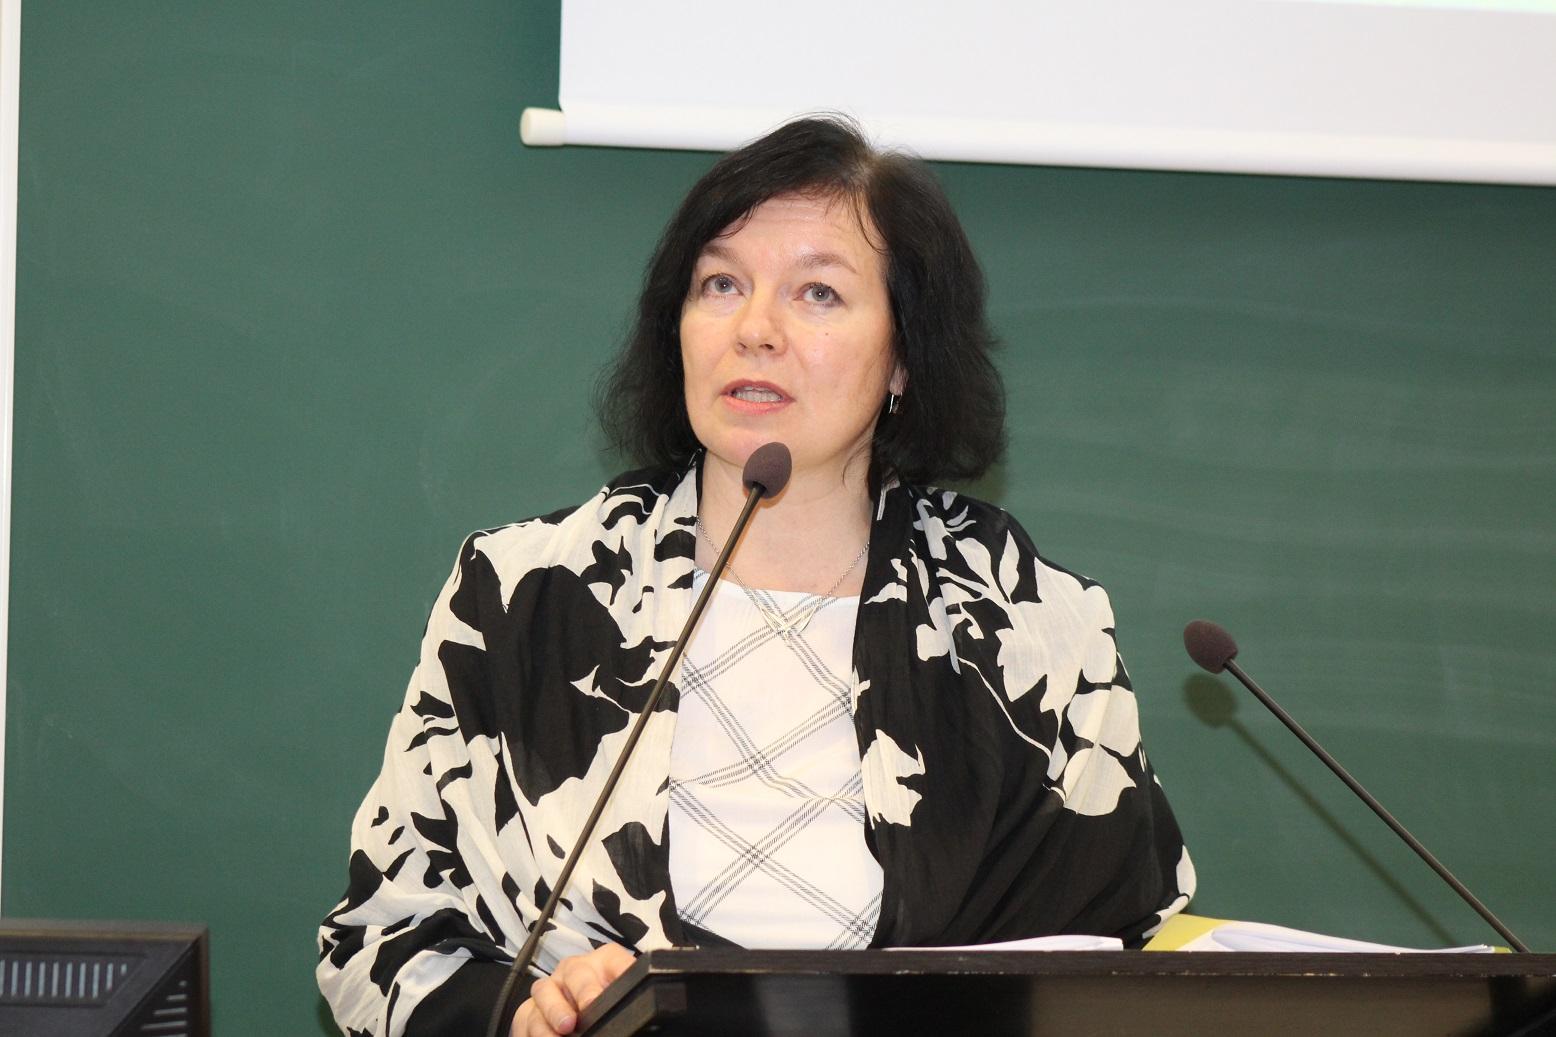 """Tohtoriopiskelija Minna Sorsa esitti, että monimutkaisen maailman tarkasteluun tarvitaan """"uusia linssejä ja katsomisen tapoja"""". CAM-hoitoja tulisi hänen mukaansa tutkia erityisesti asiakasnäkökulmasta."""